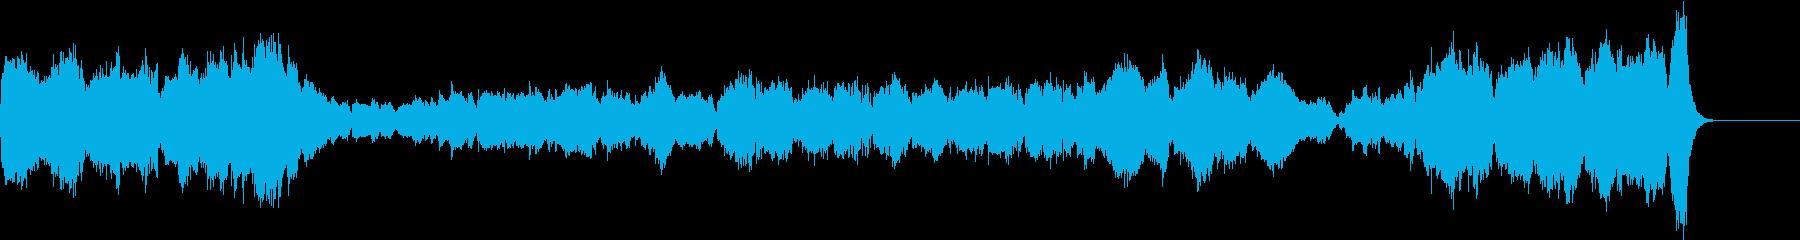 壮大なカンツォーネ 帰れソレントへの再生済みの波形